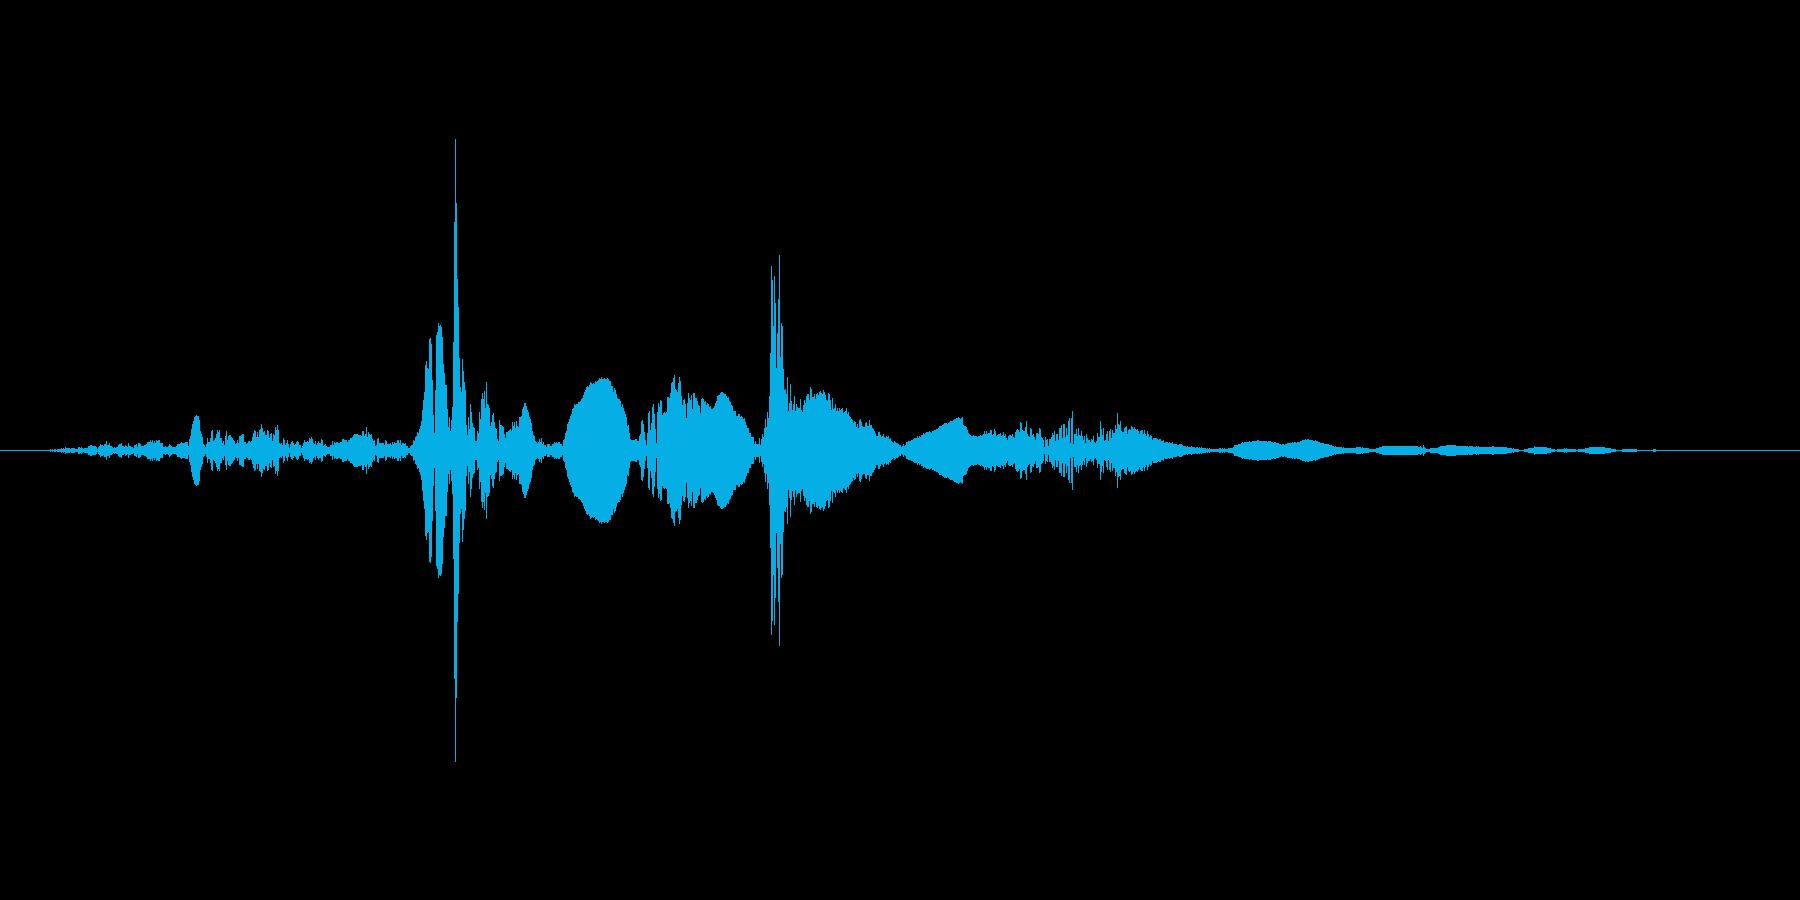 ペラッ(本をめくる音)の再生済みの波形